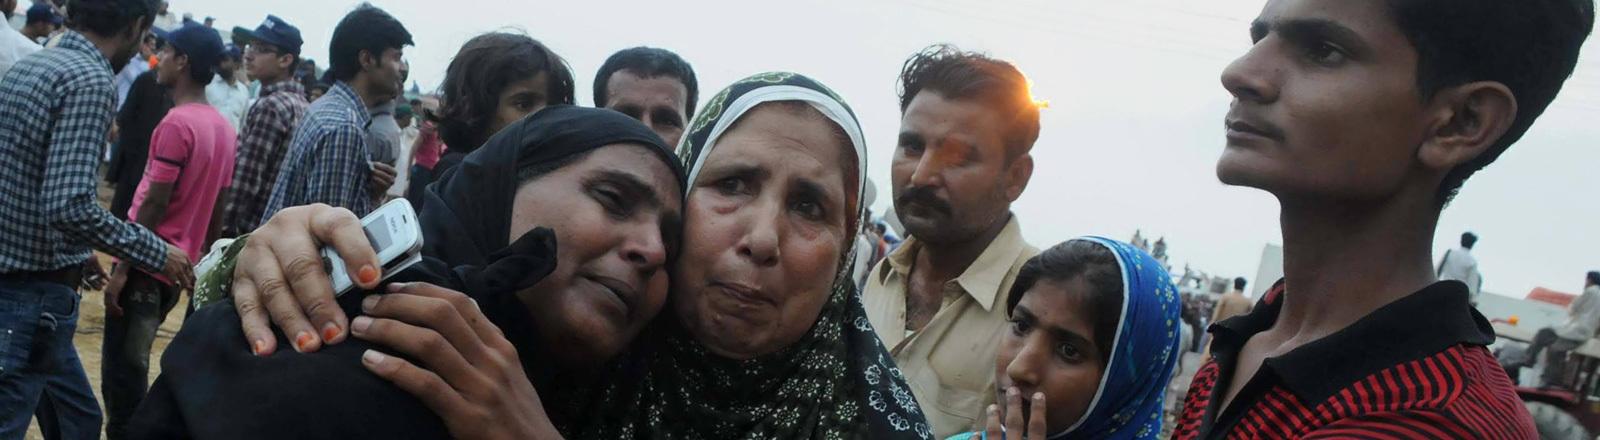 Nach einem Brand am 11.09.2012 in einer Textilfabrik im pakistanischen Karatschi stehen Angehörige zusammen. Eine Frau weint. Bei dem Feuer starben 250 Menschen.